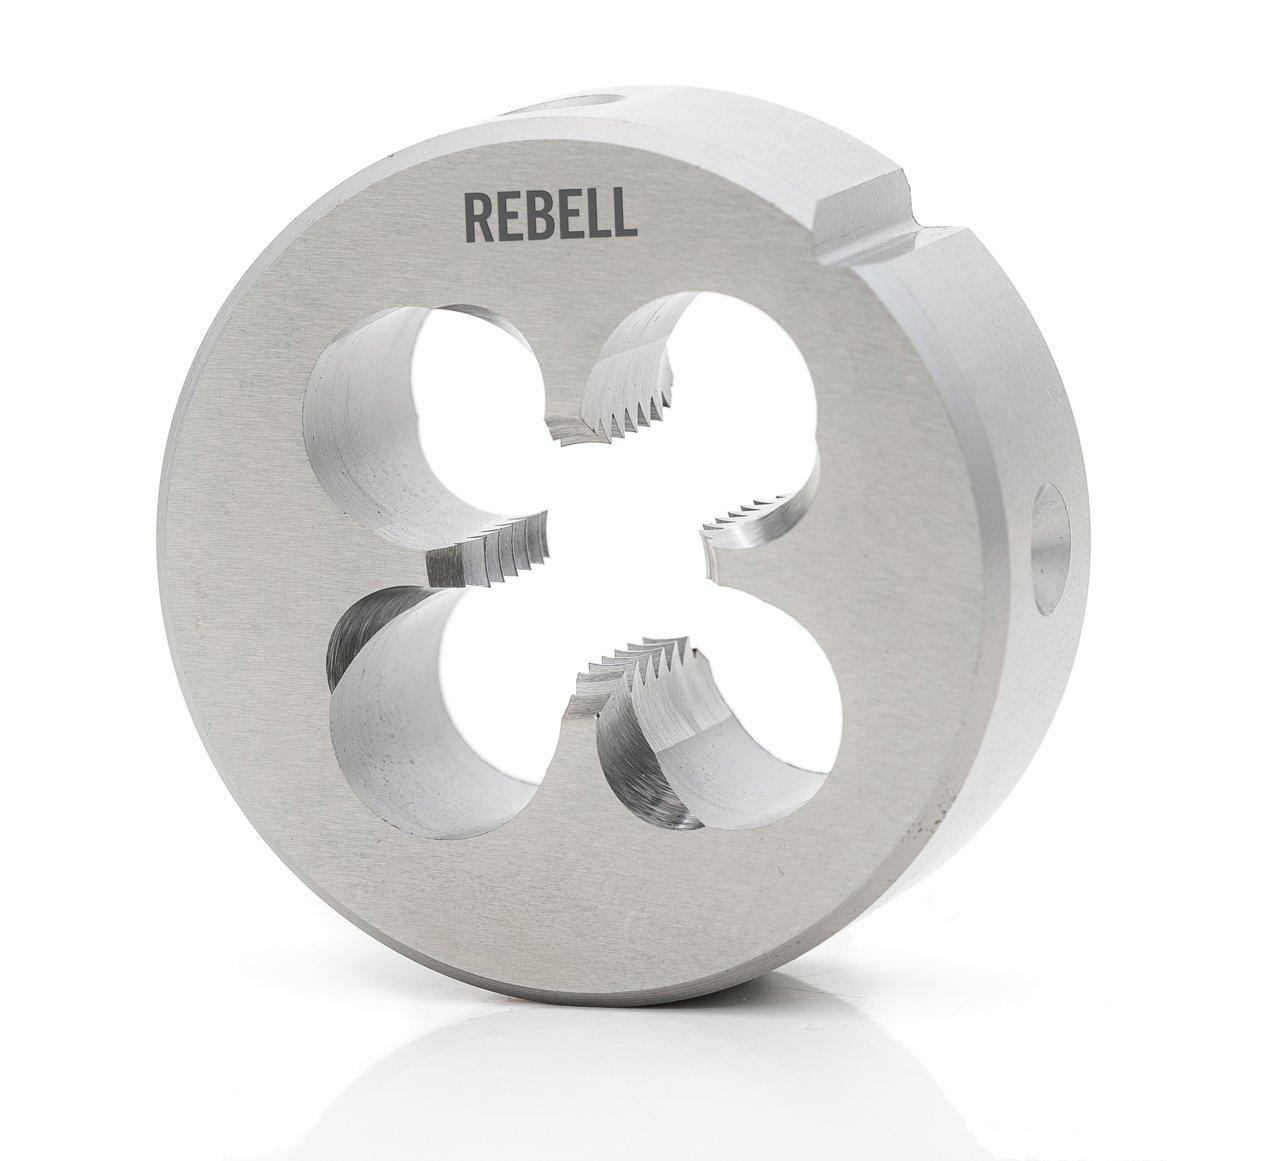 REBELL Schneideisen B RH medium HSS mit Schälanschnitt - EN 22568 - Typ N